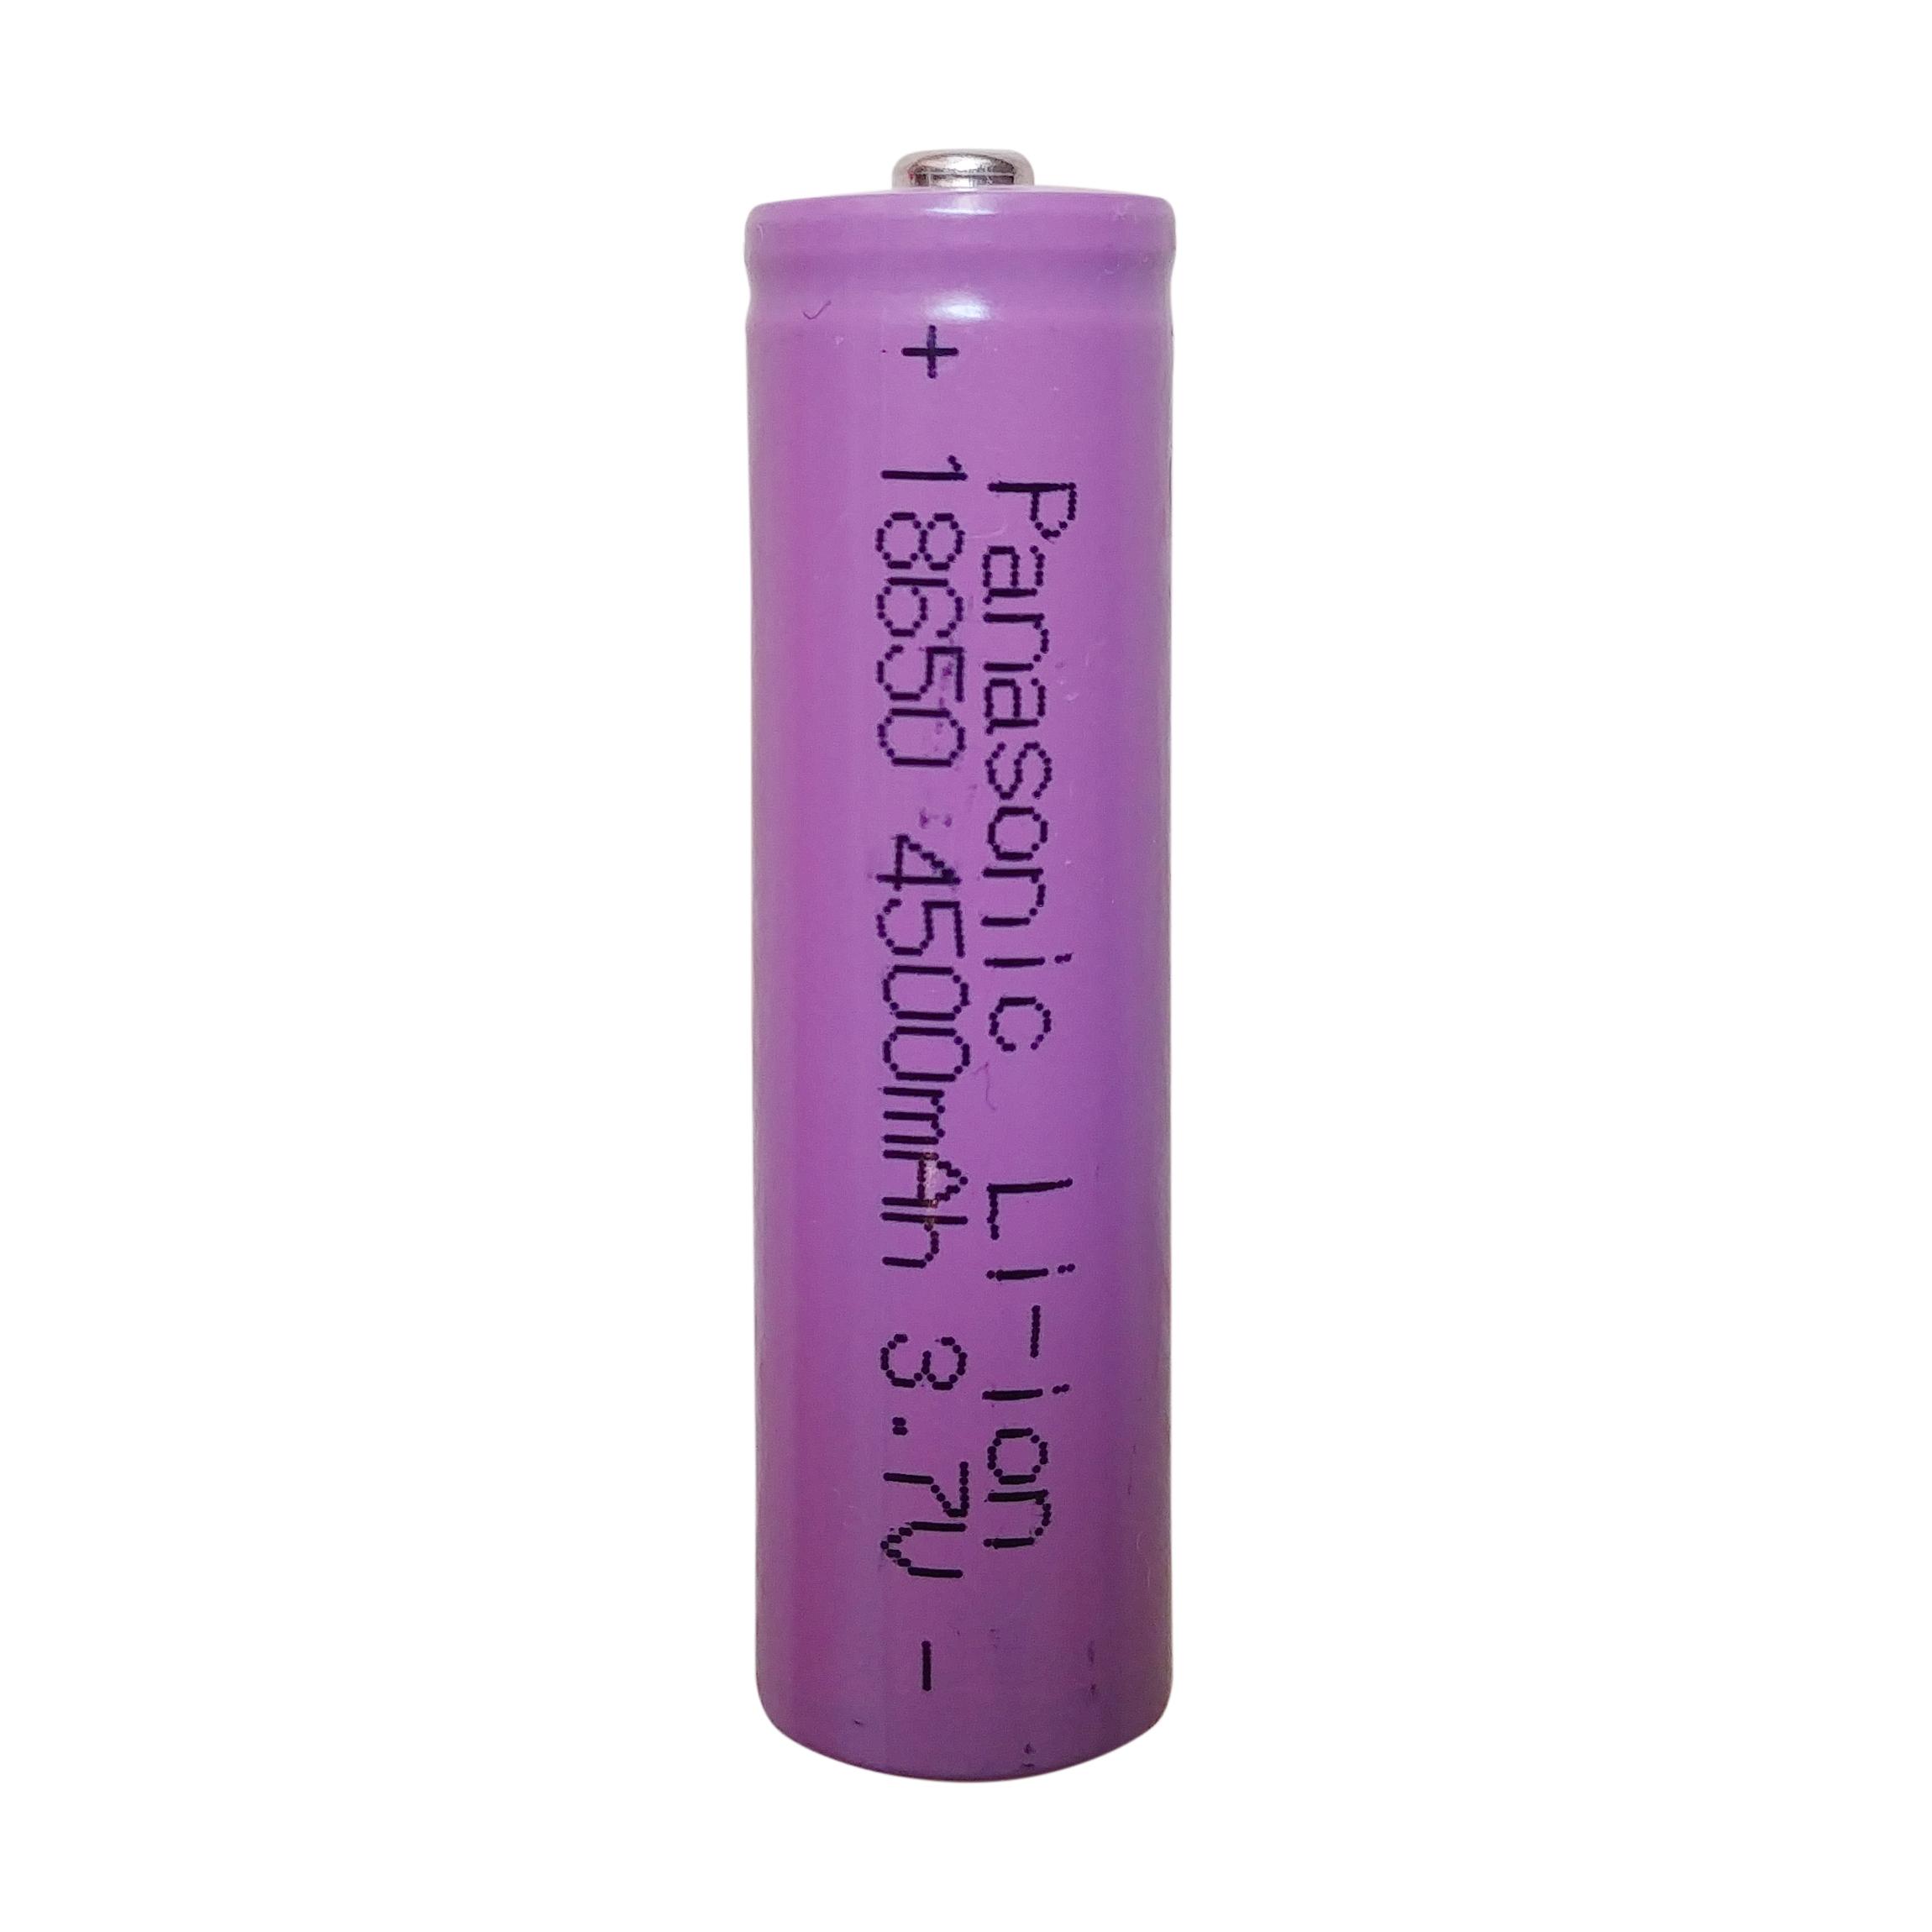 باتری لیتیوم-یون قابل شارژ پاناسونیک کد 18650 ظرفیت 4500 میلی آمپرساعت